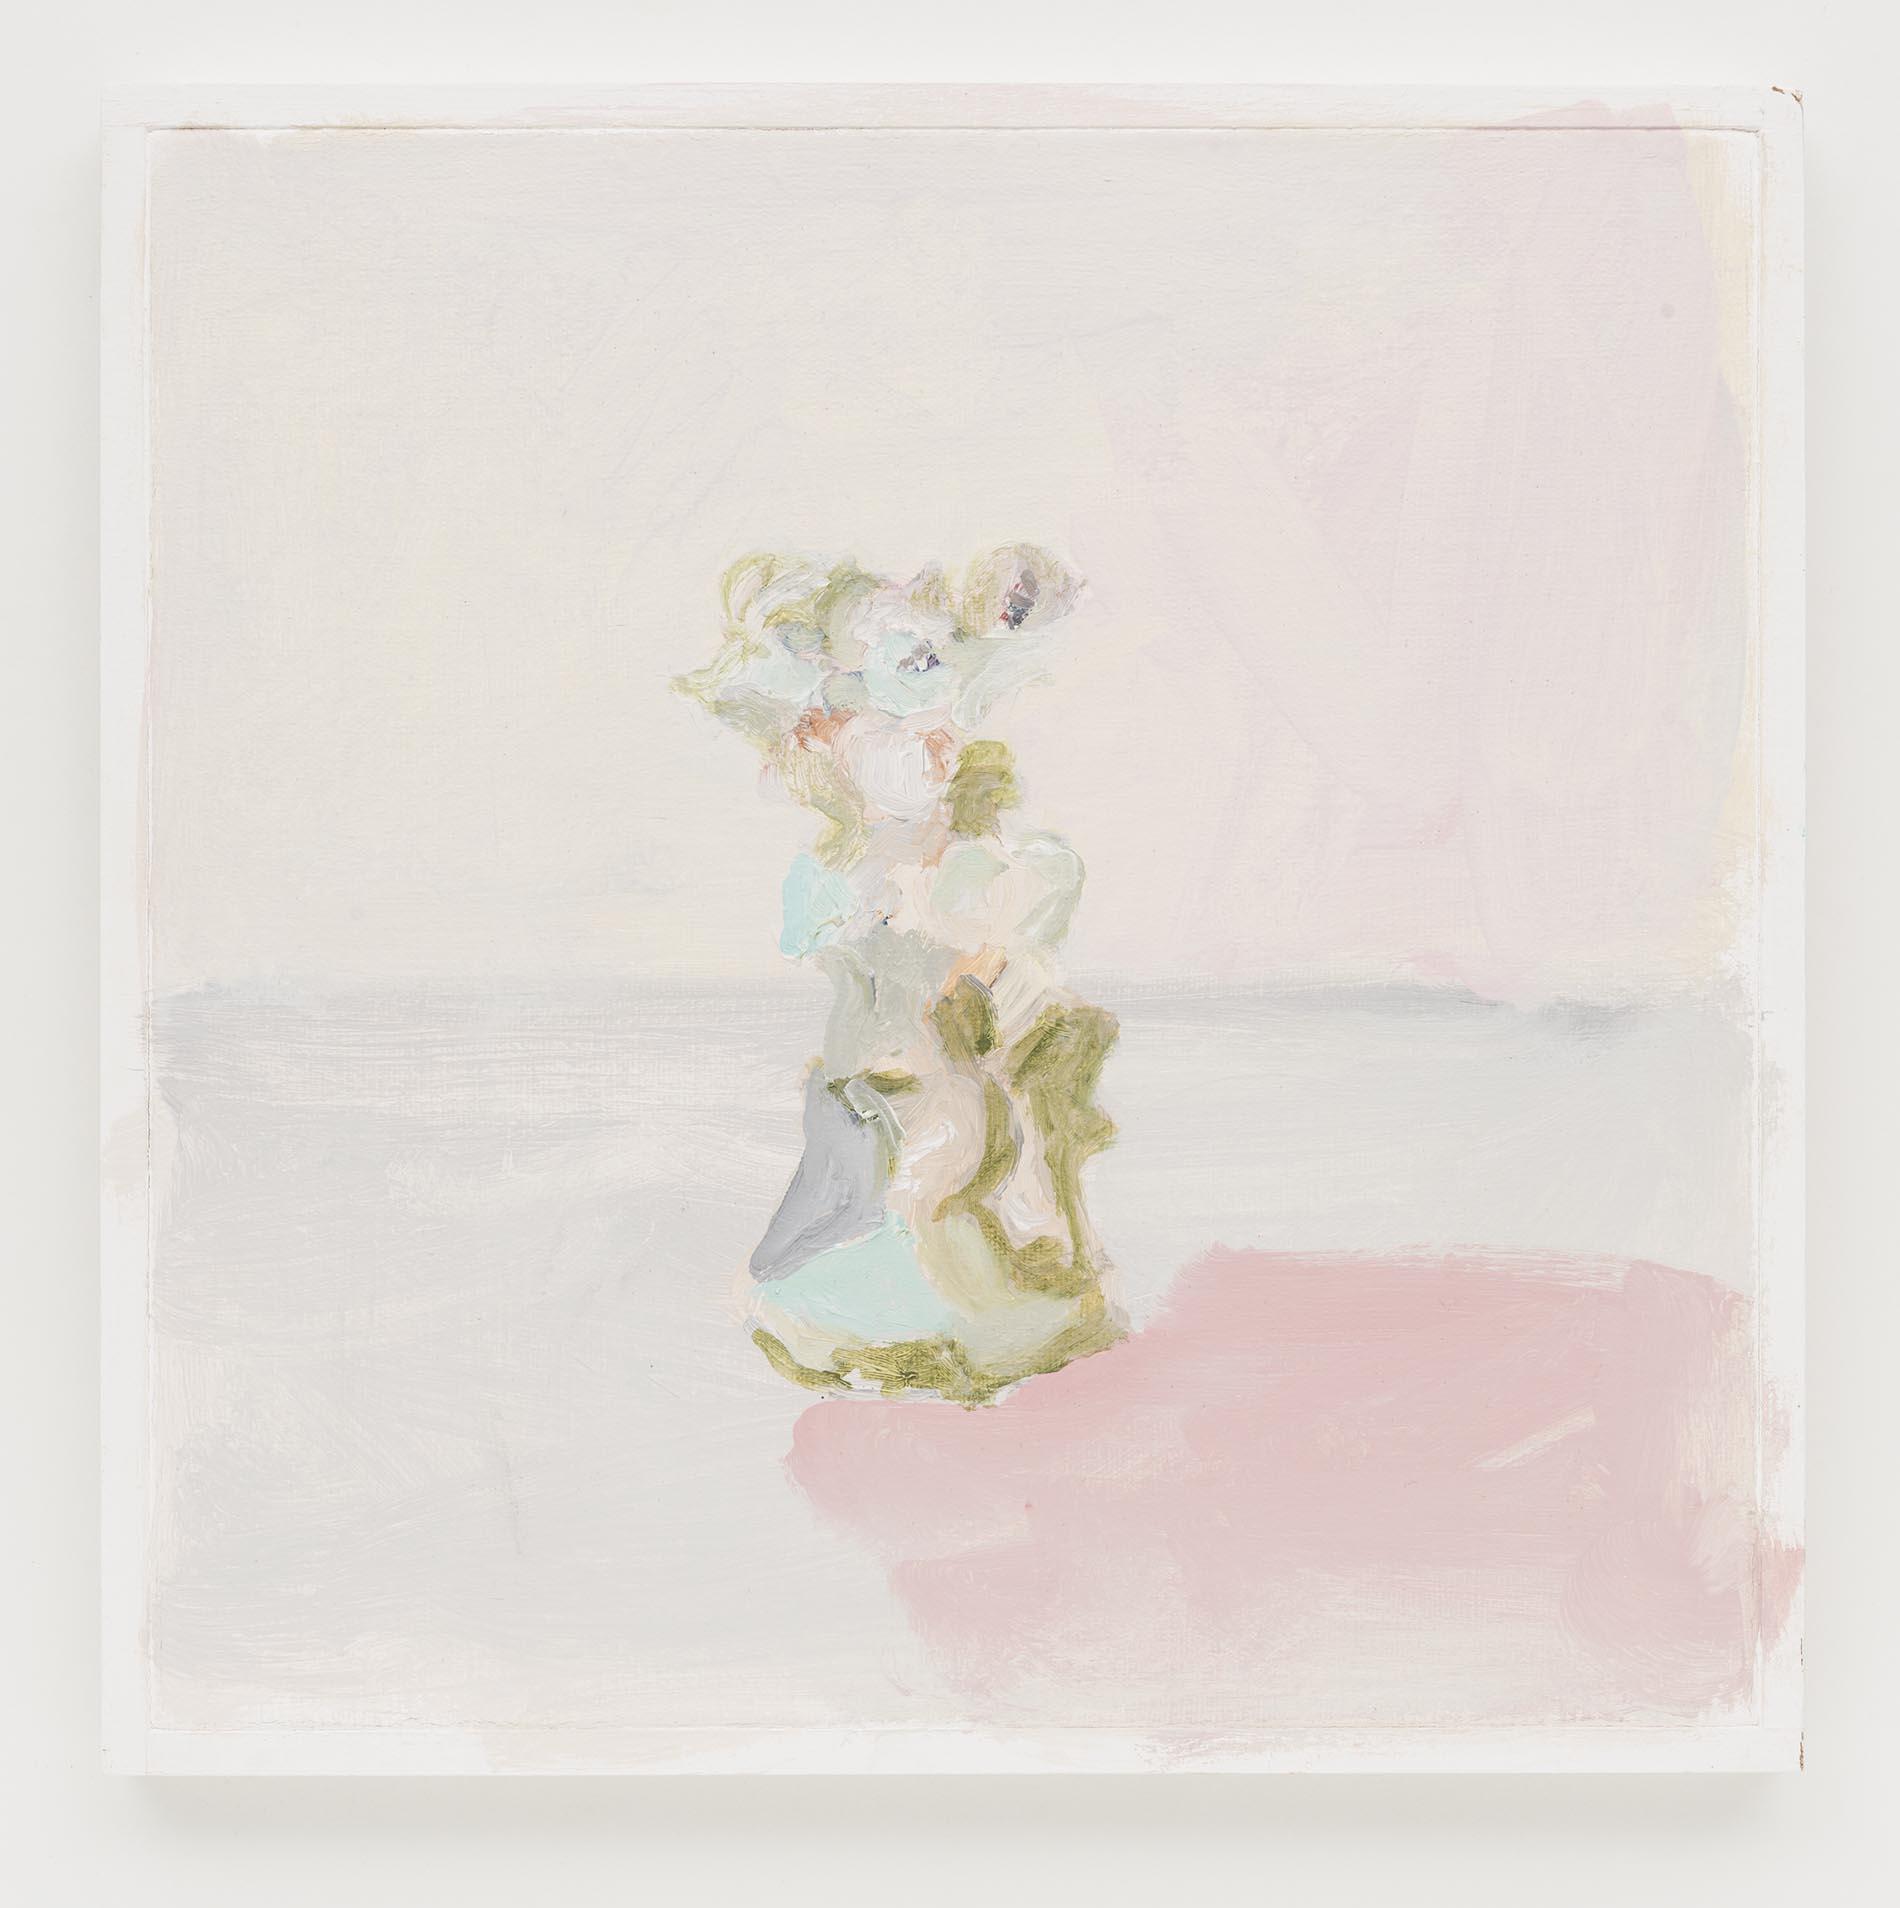 Gabriela Machado, Pequenas Porcelanas | Small China, 2013, óleo sobre linho | oil on linen ,30 x 30 cm